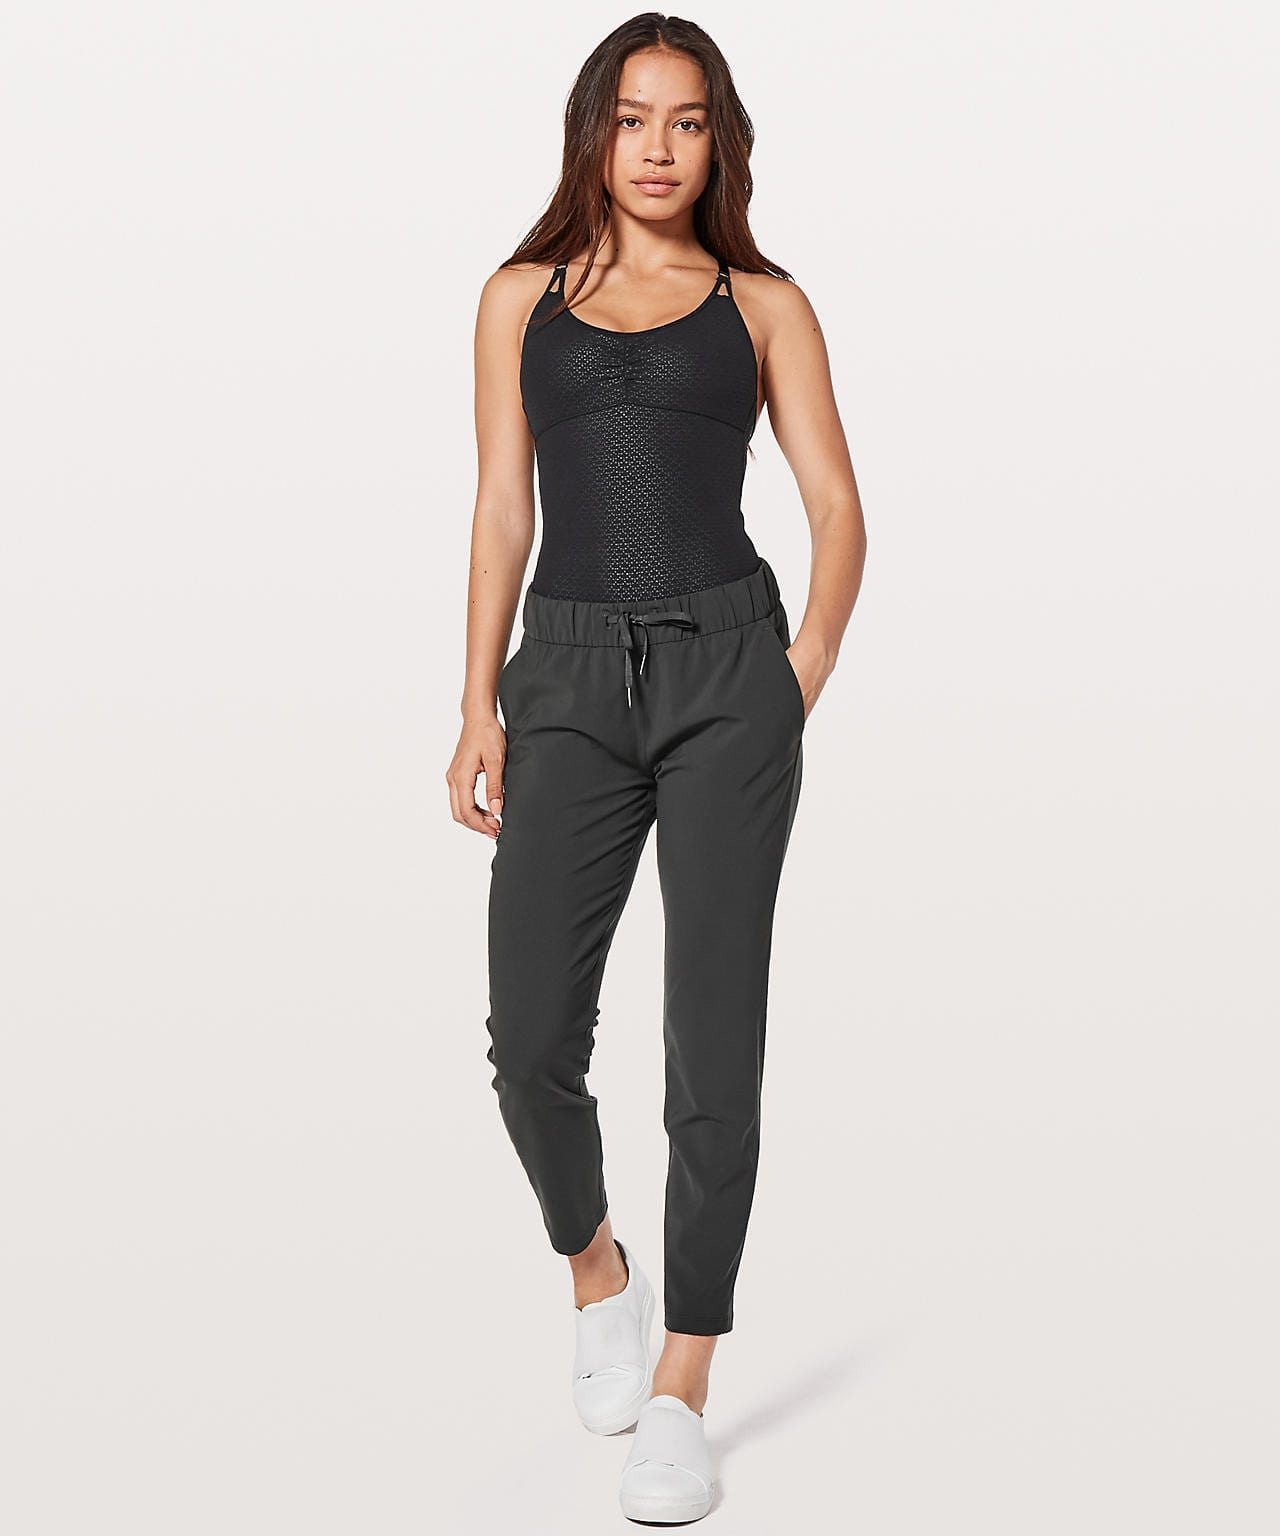 Lululemon The Easy Bodysuit